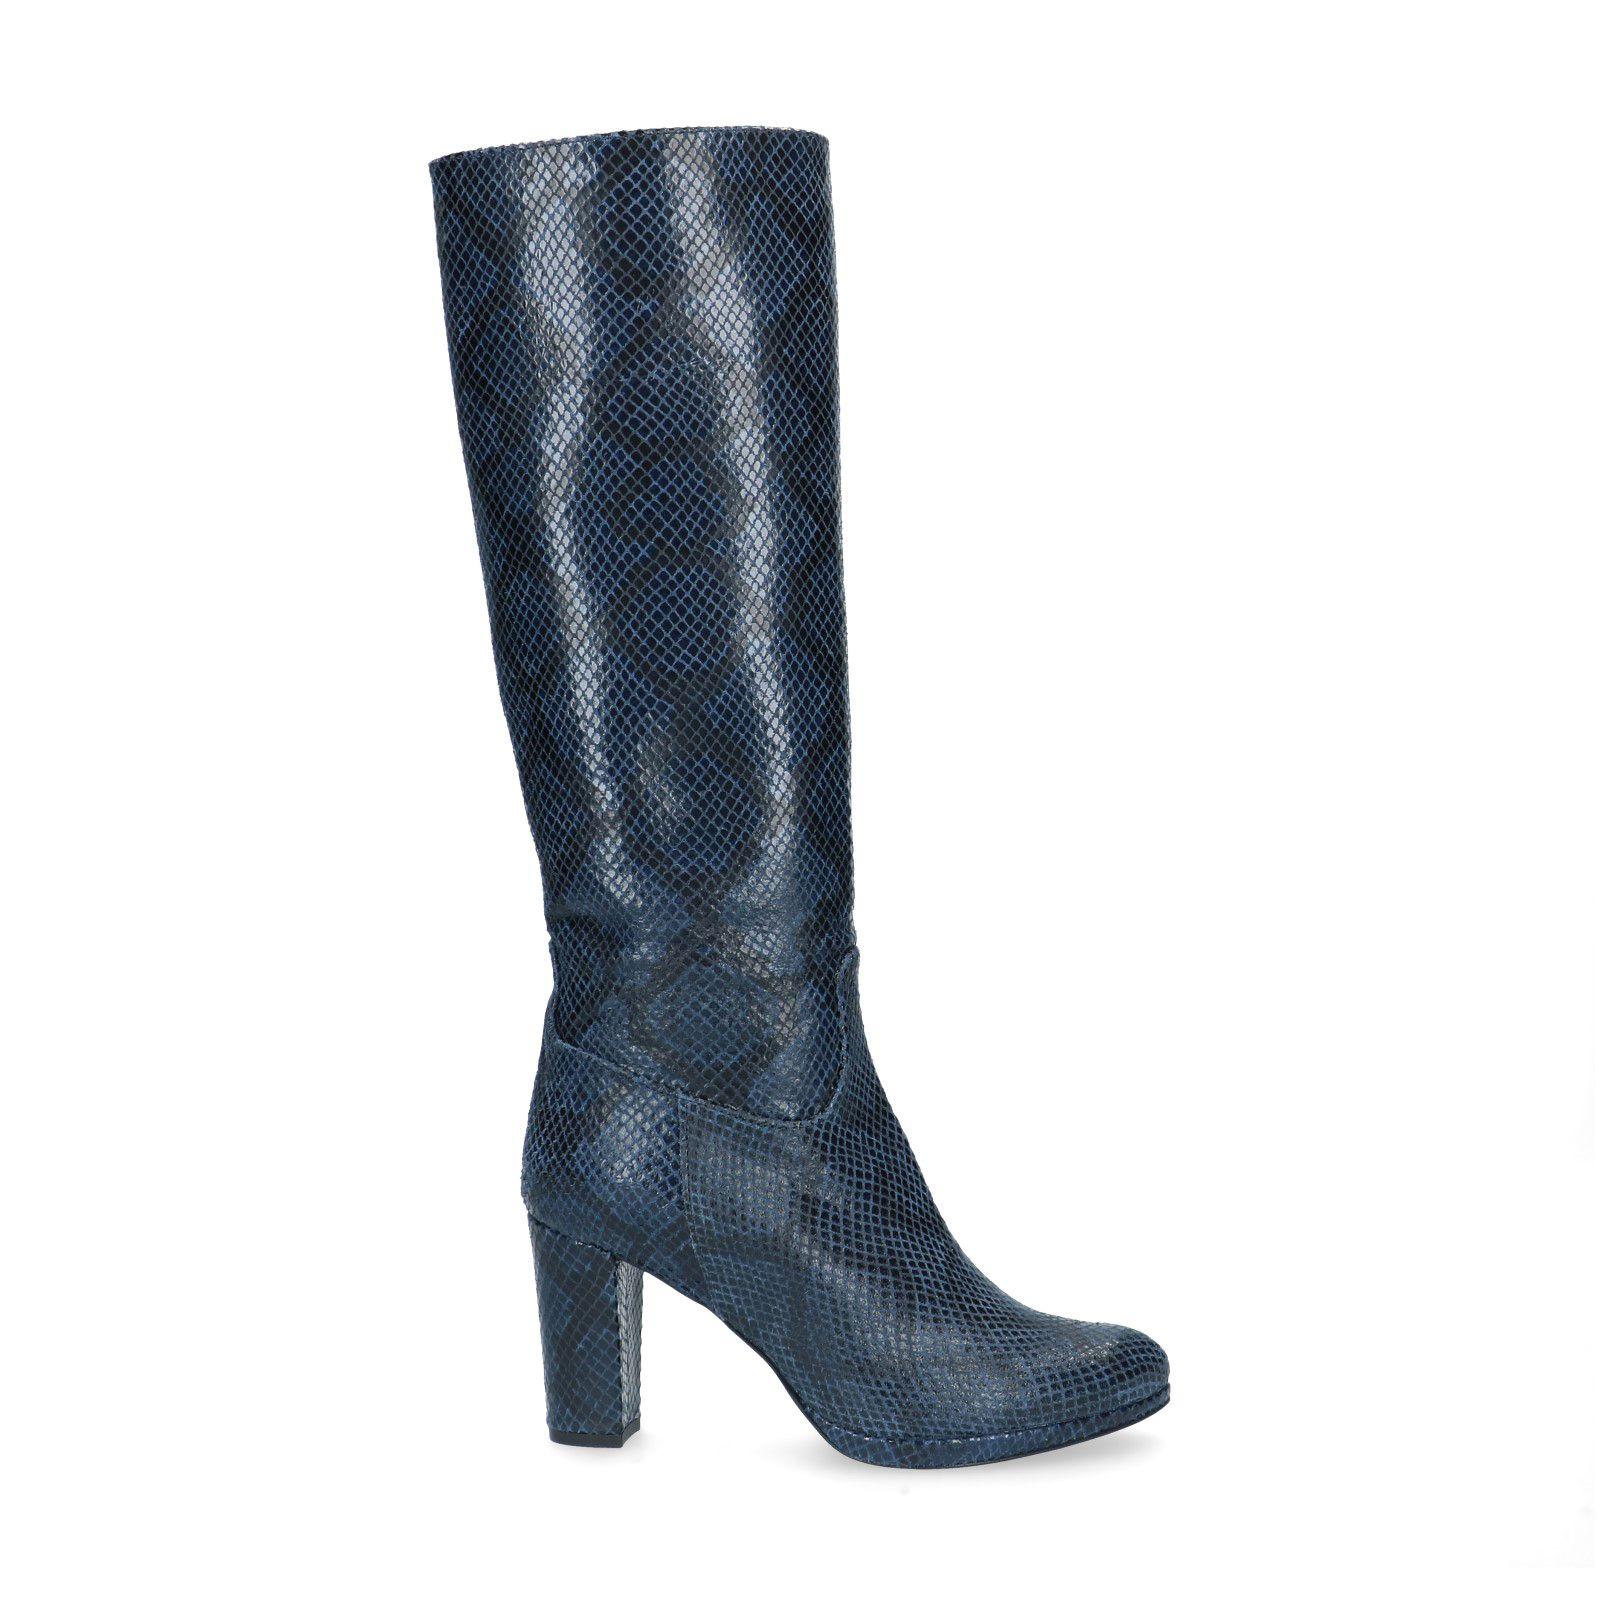 Blauwe leren laarzen met snakeskin Dames | MANFIELD